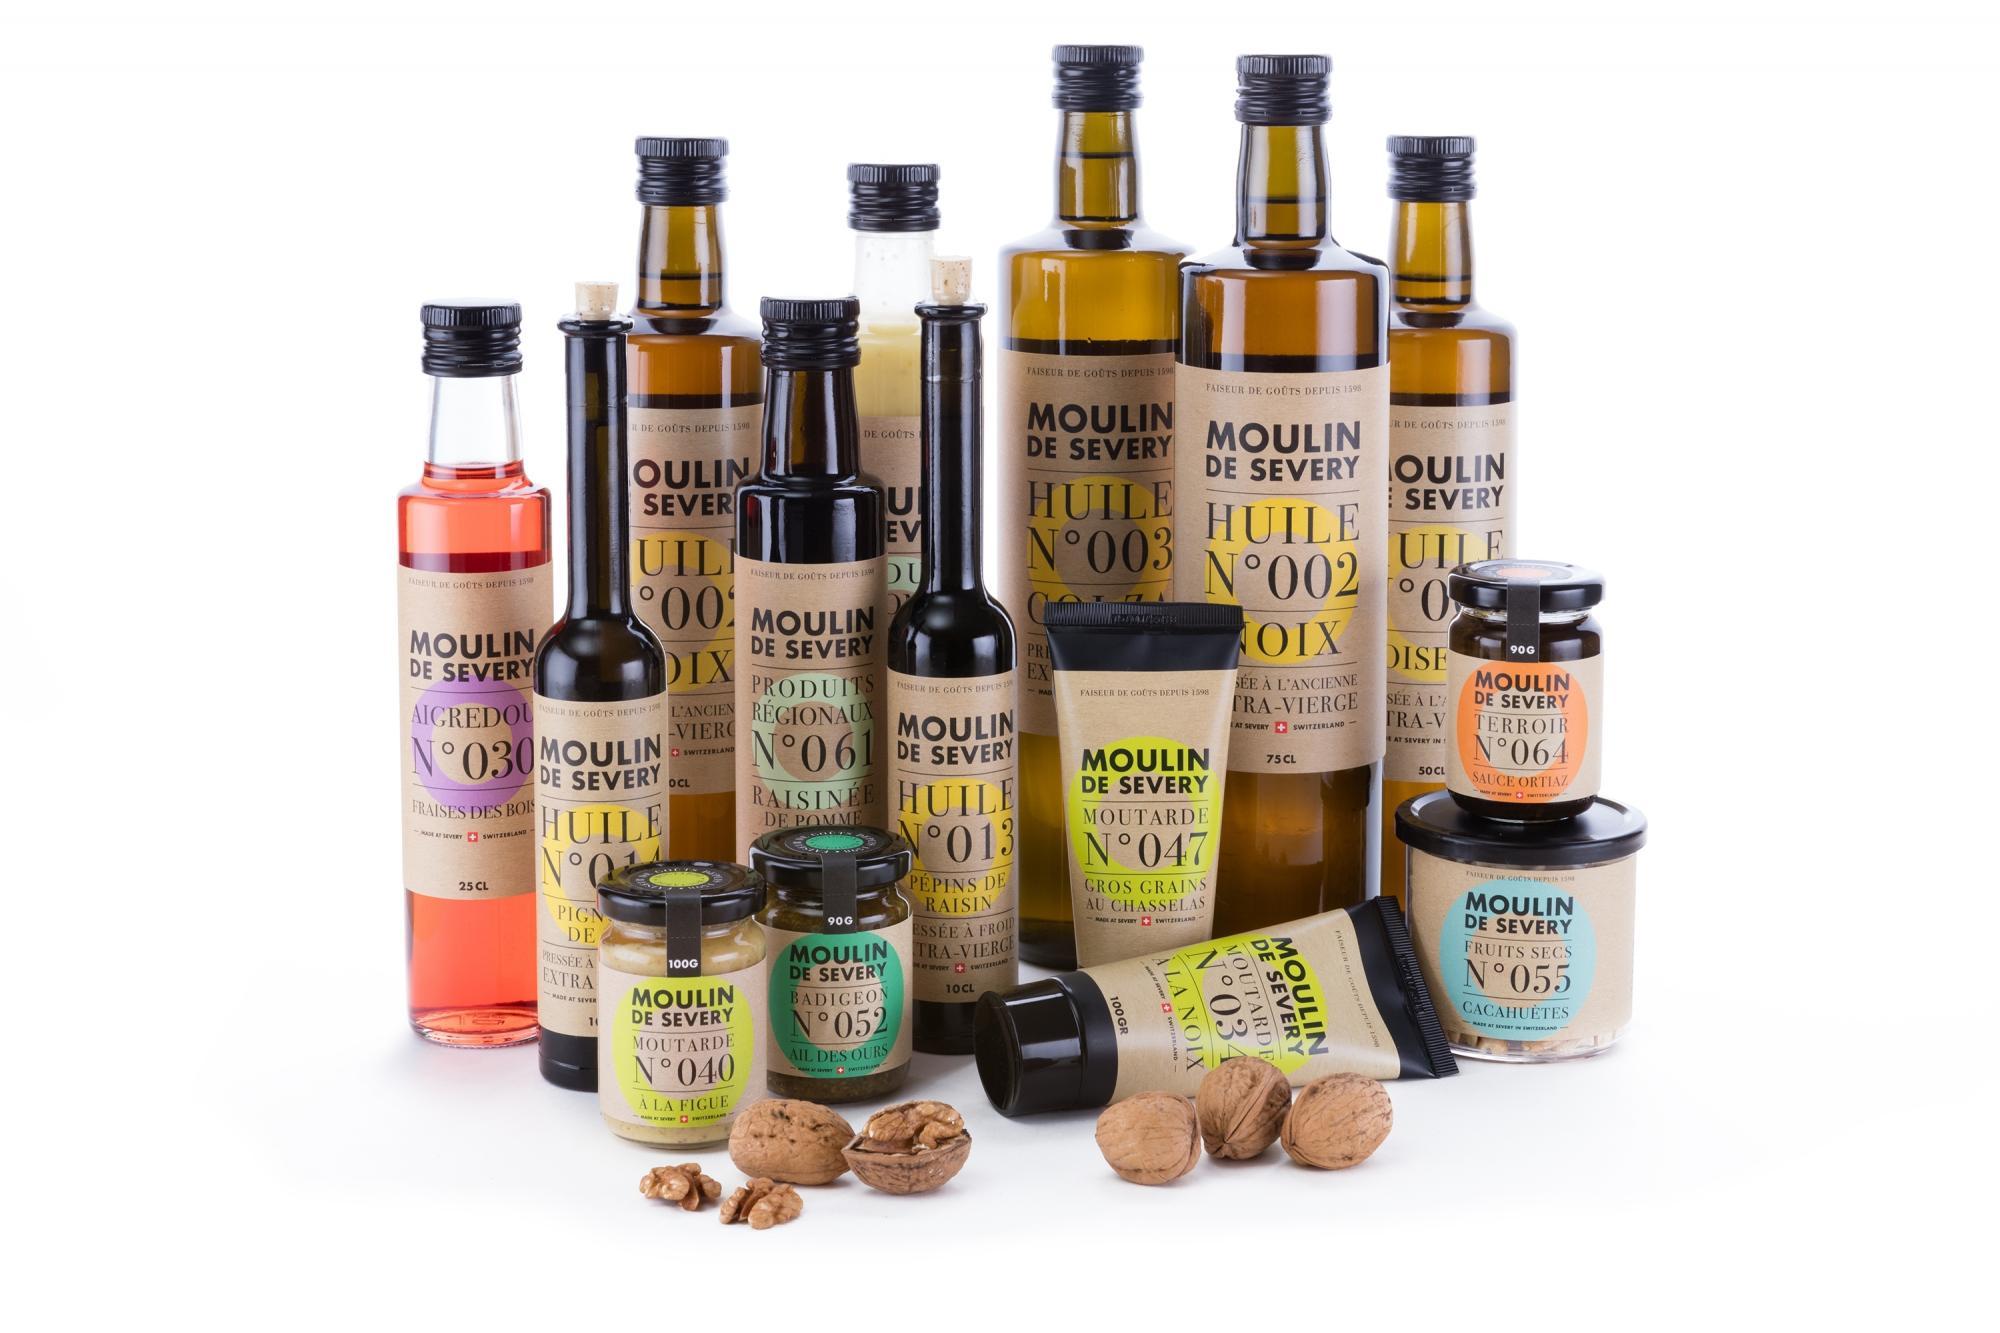 huile de noix severy